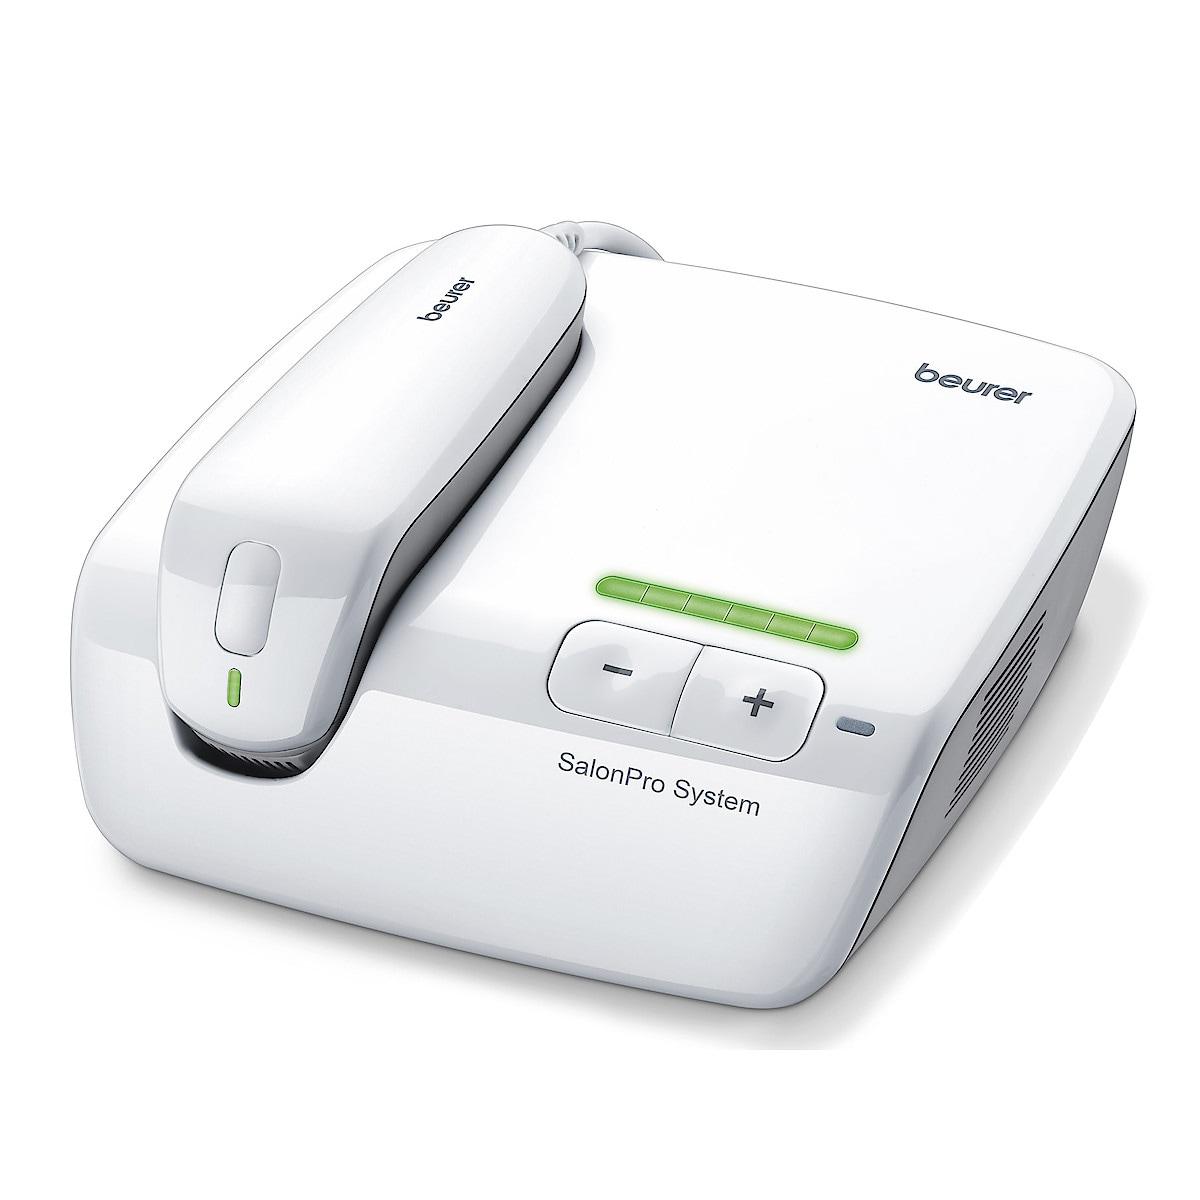 Karvanpoistolaite IPL 9000+ SalonPro System, Beurer